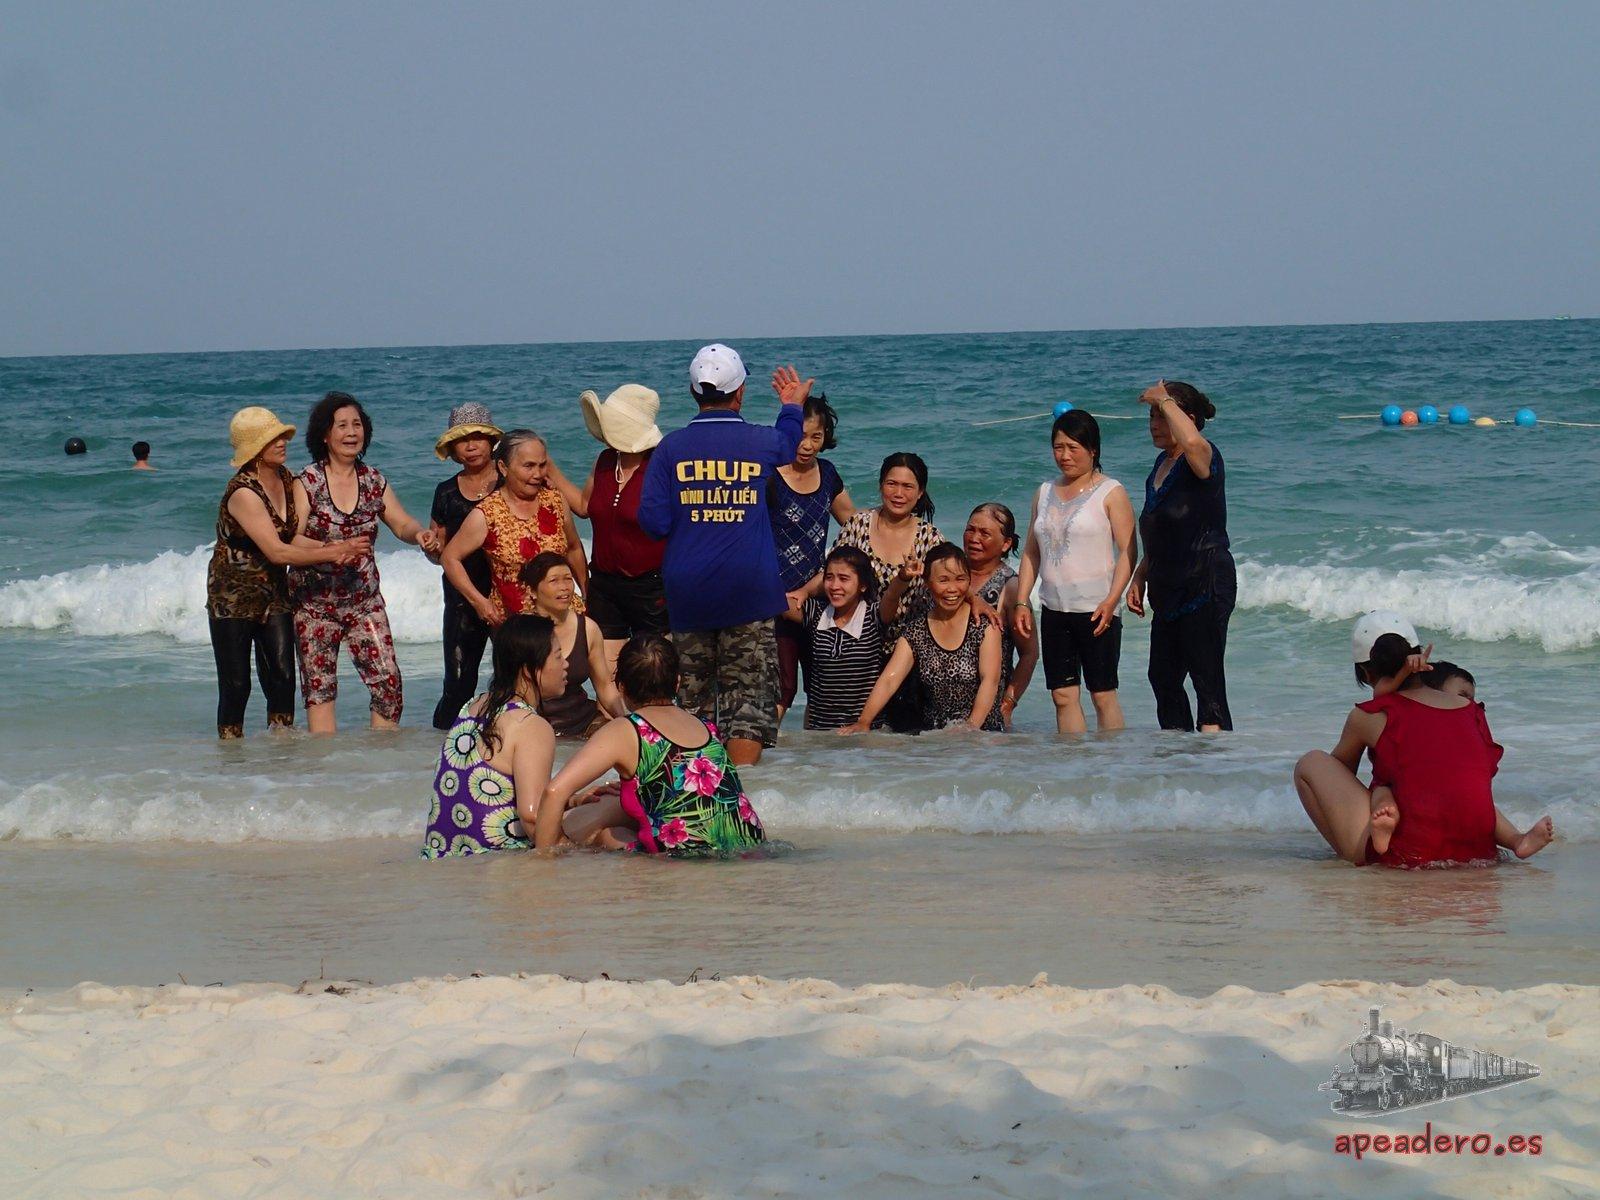 En las playas de Phu Quoc verás pocas familias vietnamitas, están casi todas desiertas y hasta el atardecer solo hay occidentales (mochileros o no).